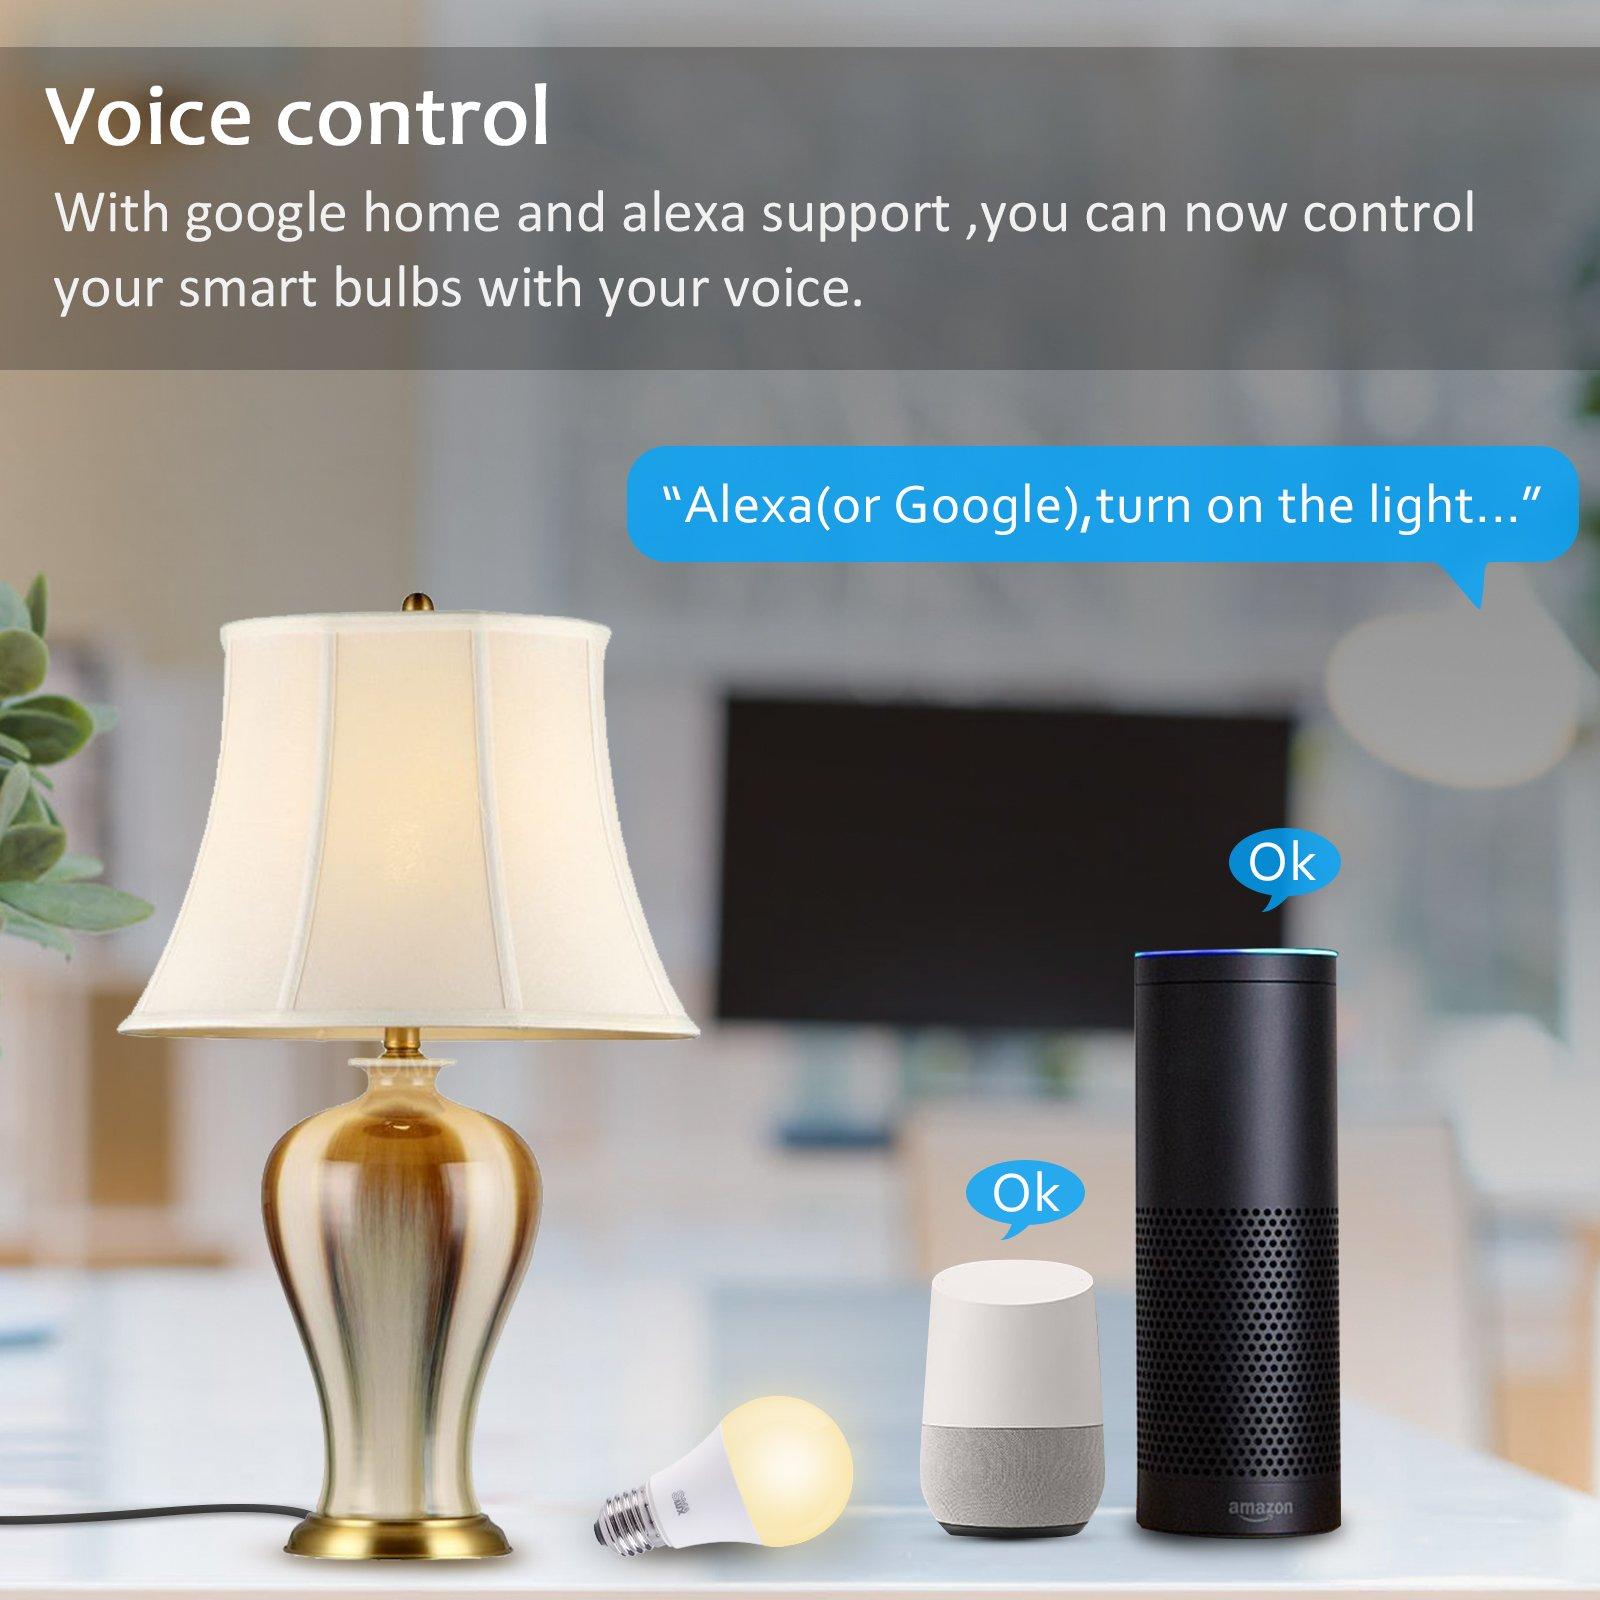 Smalux 800LM Smart LED Birne Wifi Hue Licht A60 9W E27, Warmweiß Timing-Funktion, Fernbedienung durch Smartphone Anwendbar für Alexa und Google Assistant, keine Nabe erforderlich (A60/W 1 Pack) [Energieklasse A+]